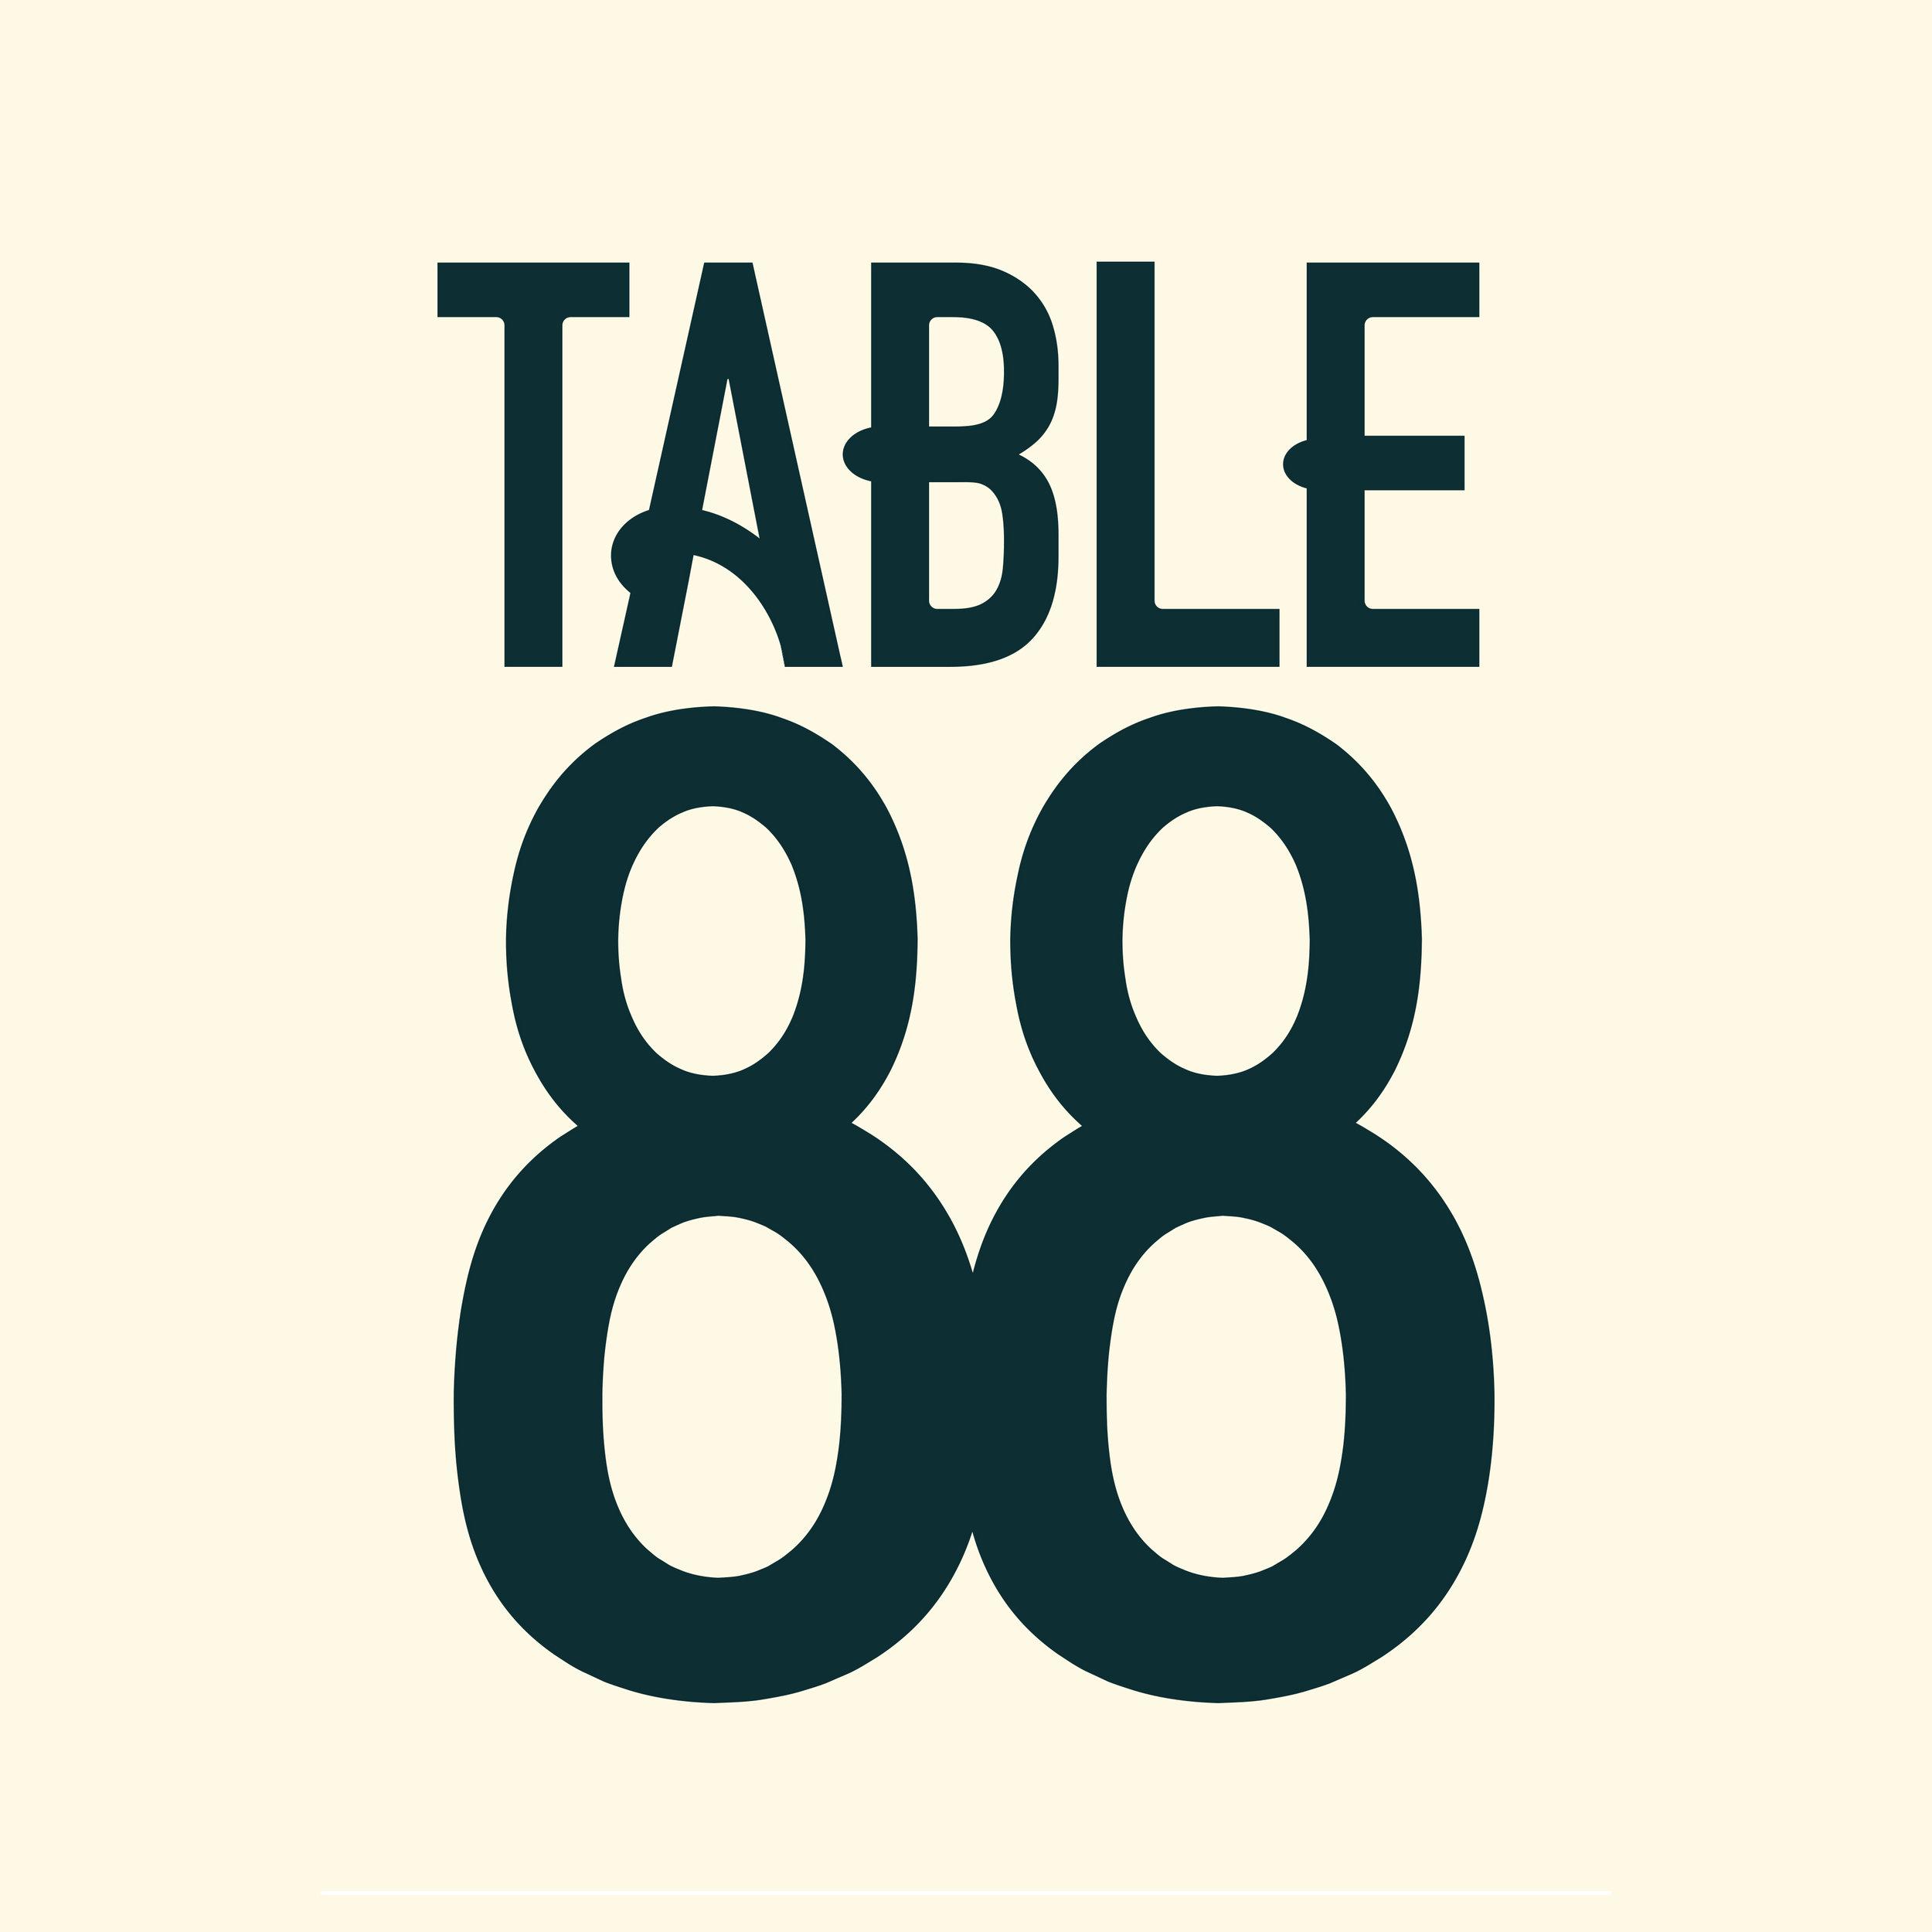 Table 88 a4 logo.jpeg